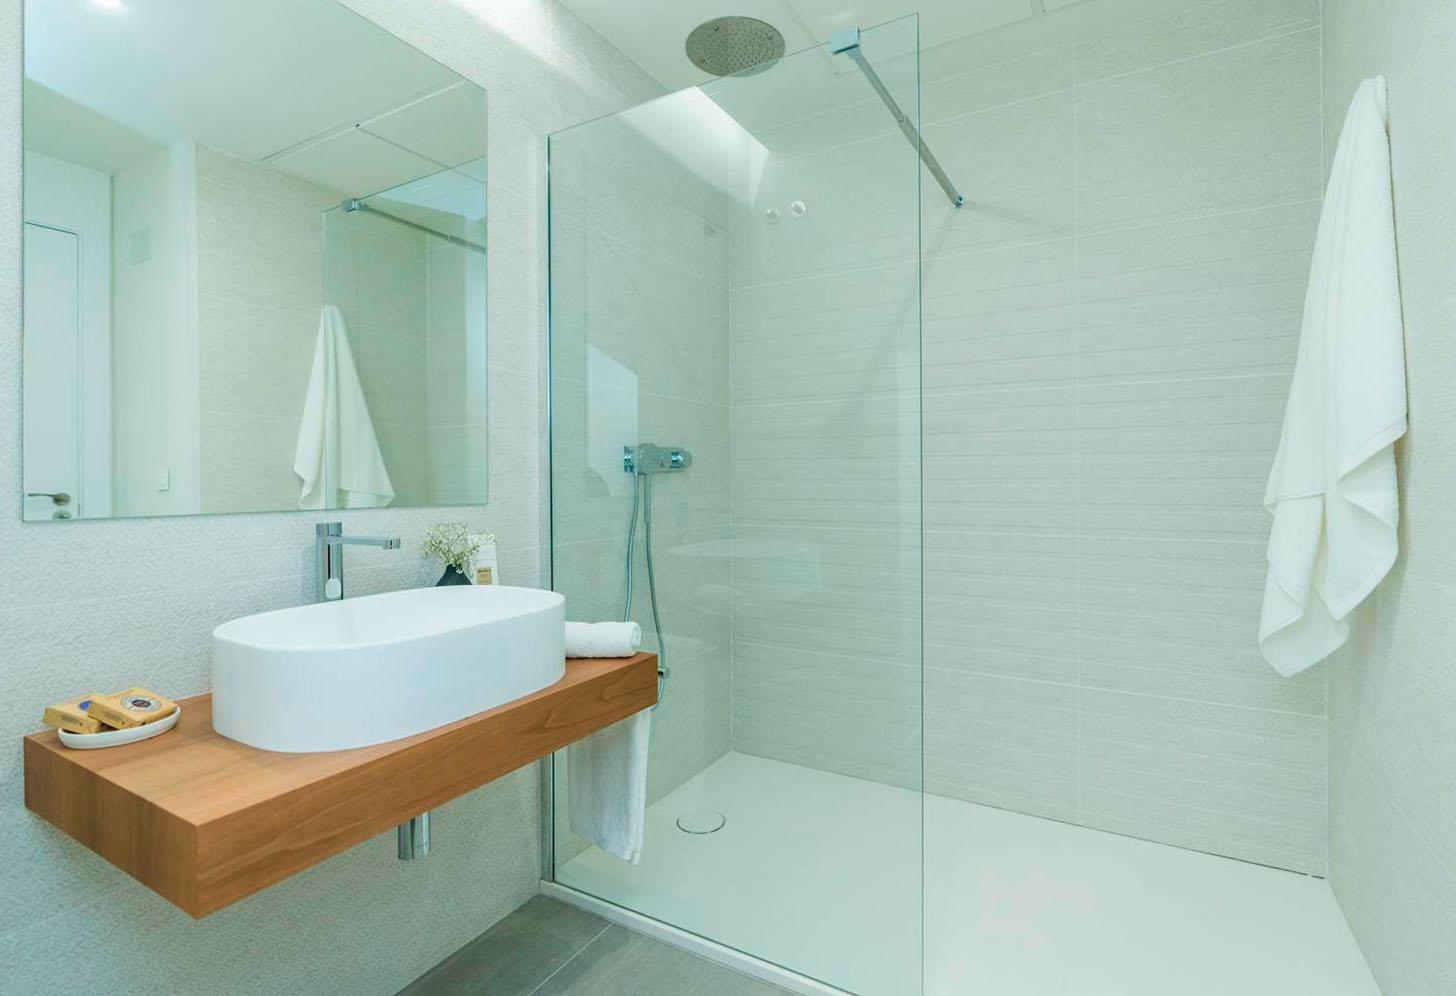 immobilier neuf espagne costa sol marbella salle de bain